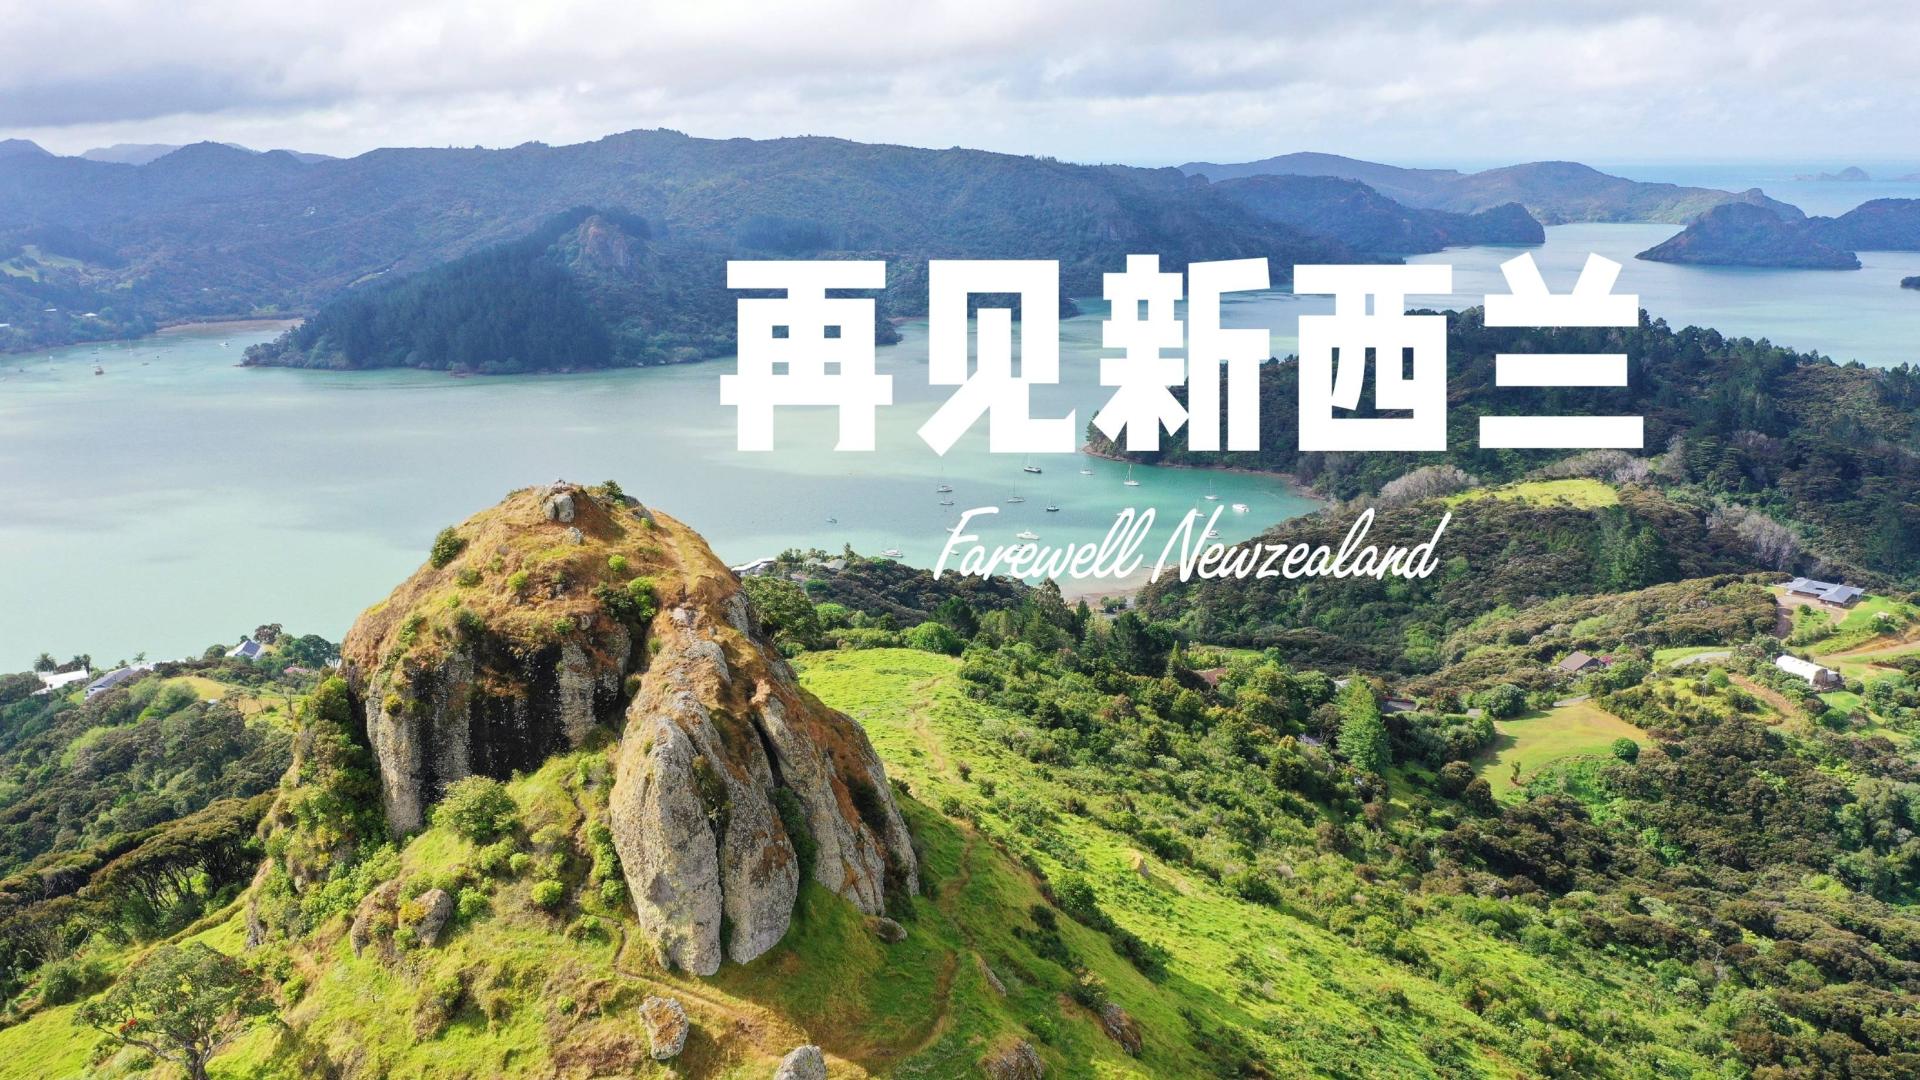 我们登上了新西兰最美的一块山顶岩石,来告别这次的游钓行程 | 世界厨房130集